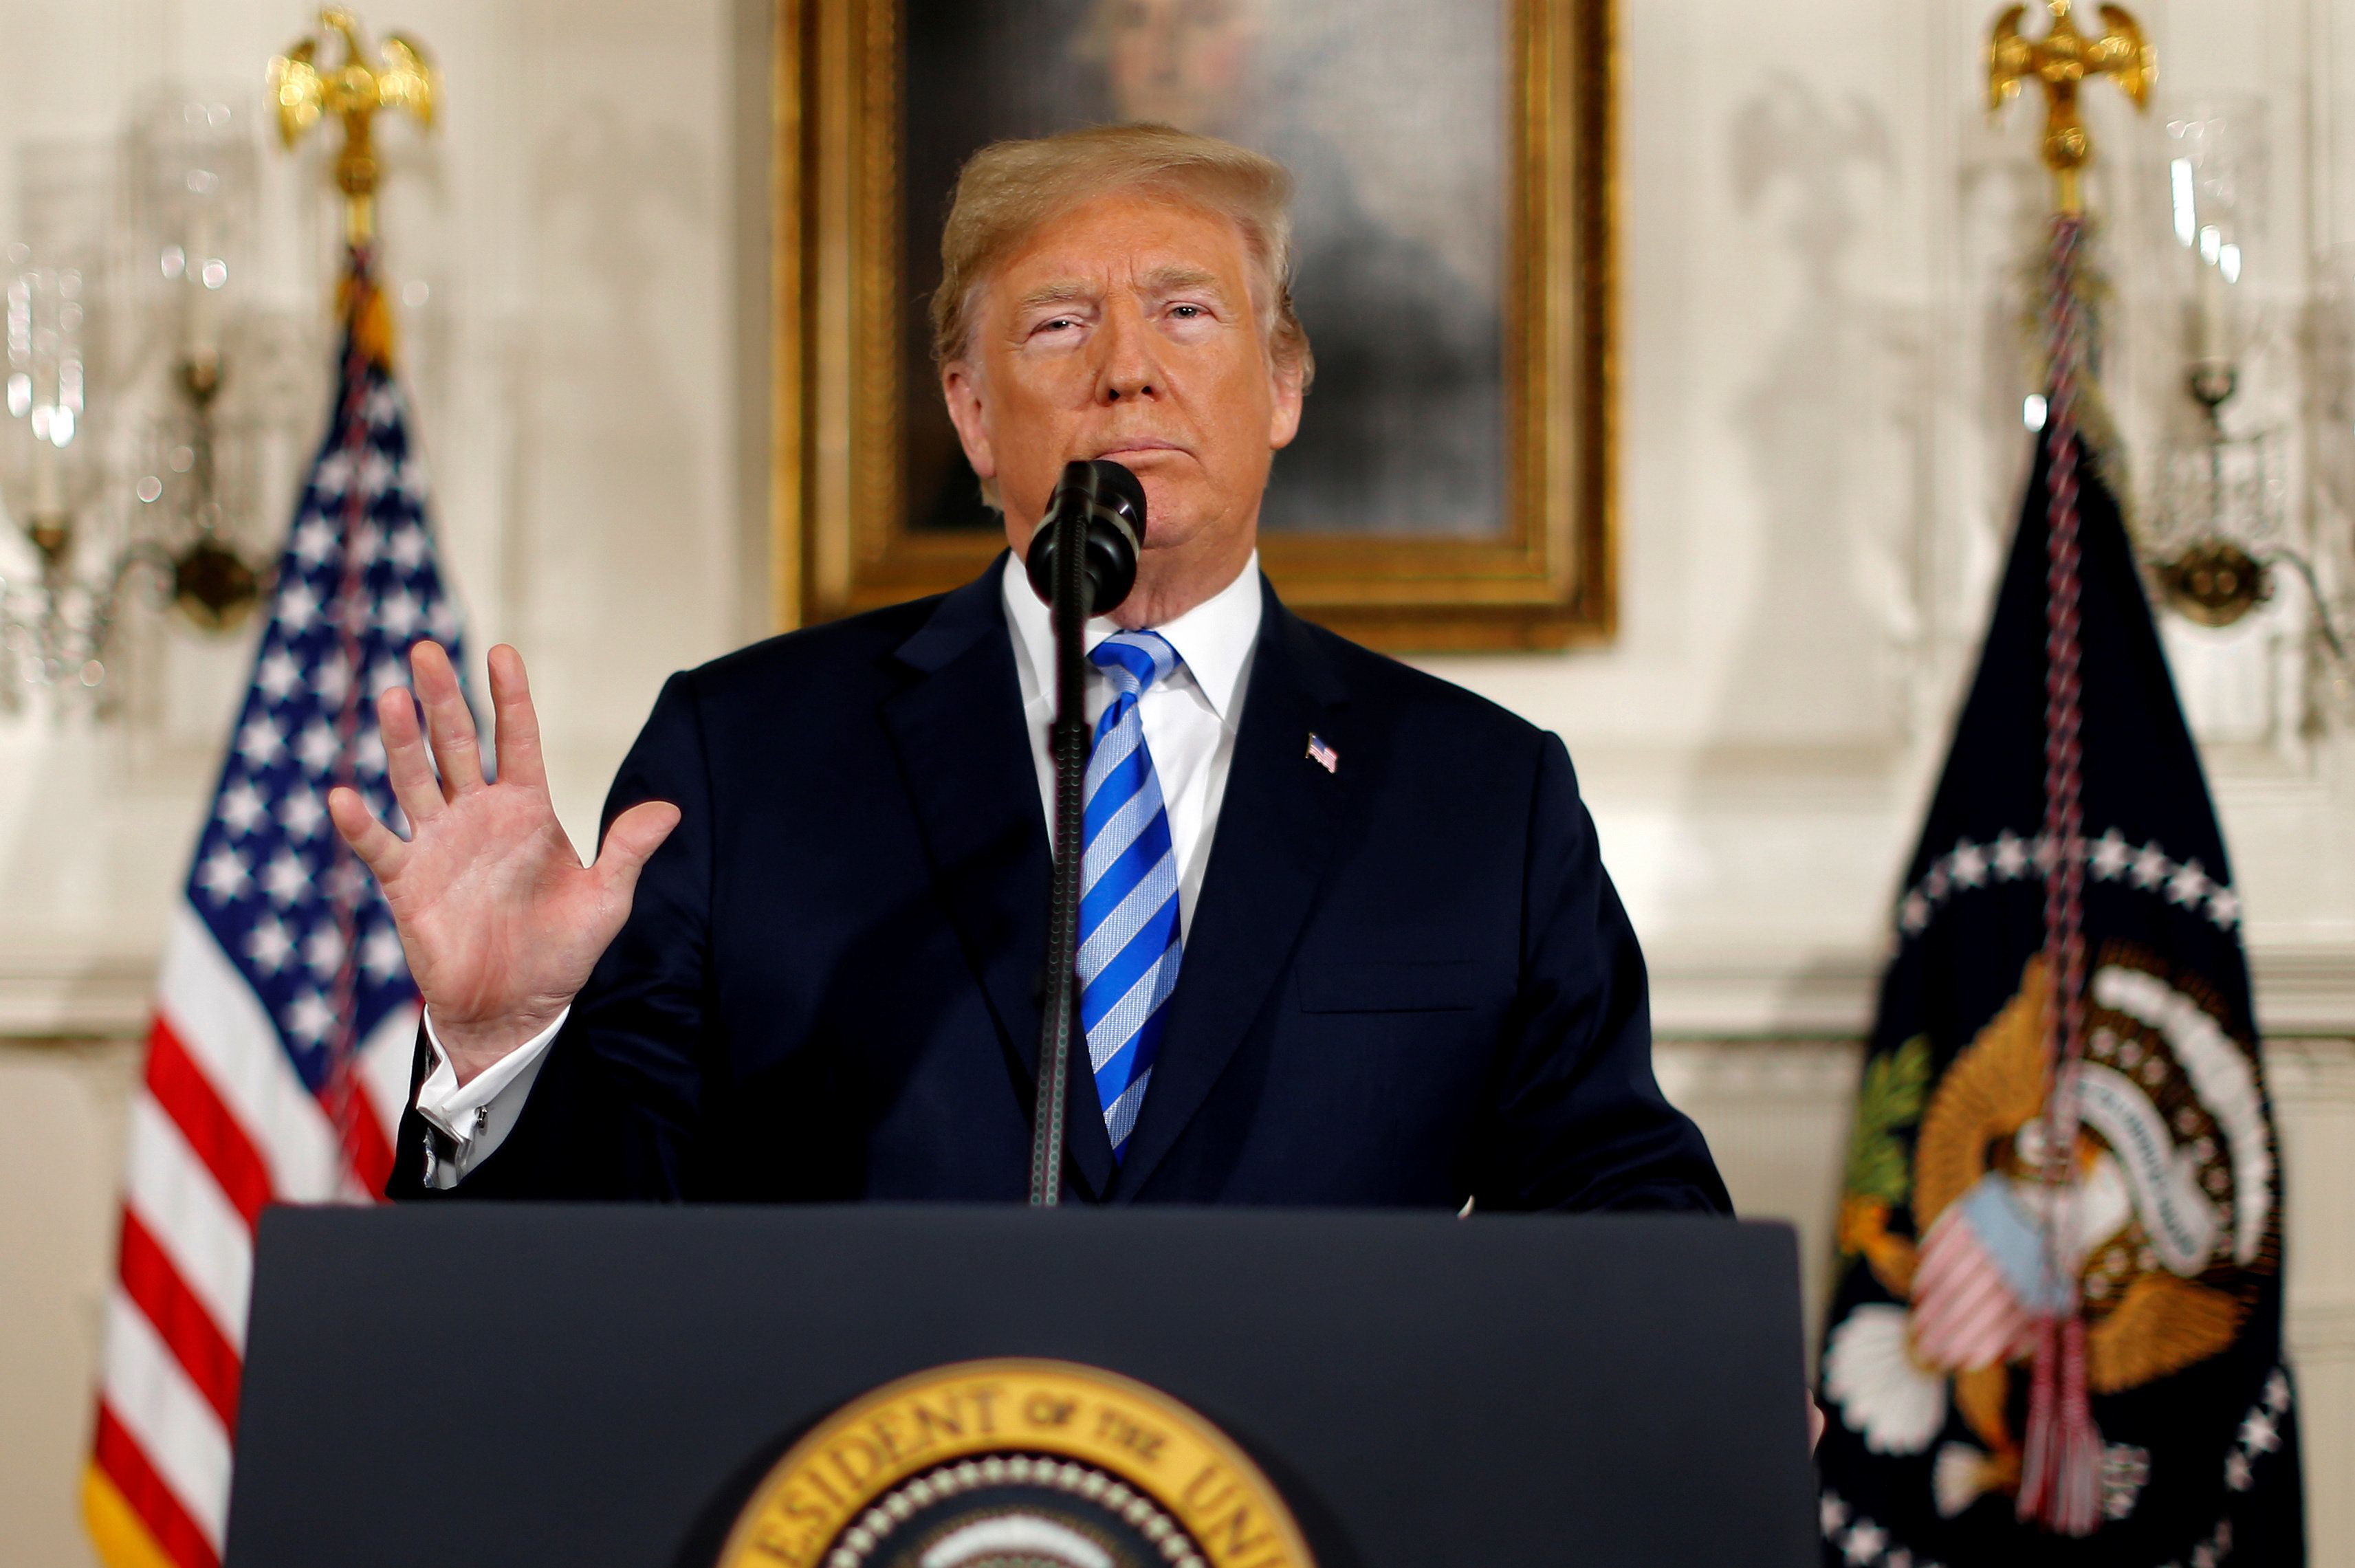 트럼프가 탈퇴를 선언한 '이란 핵협정'에 대해 알아야 할 사실들